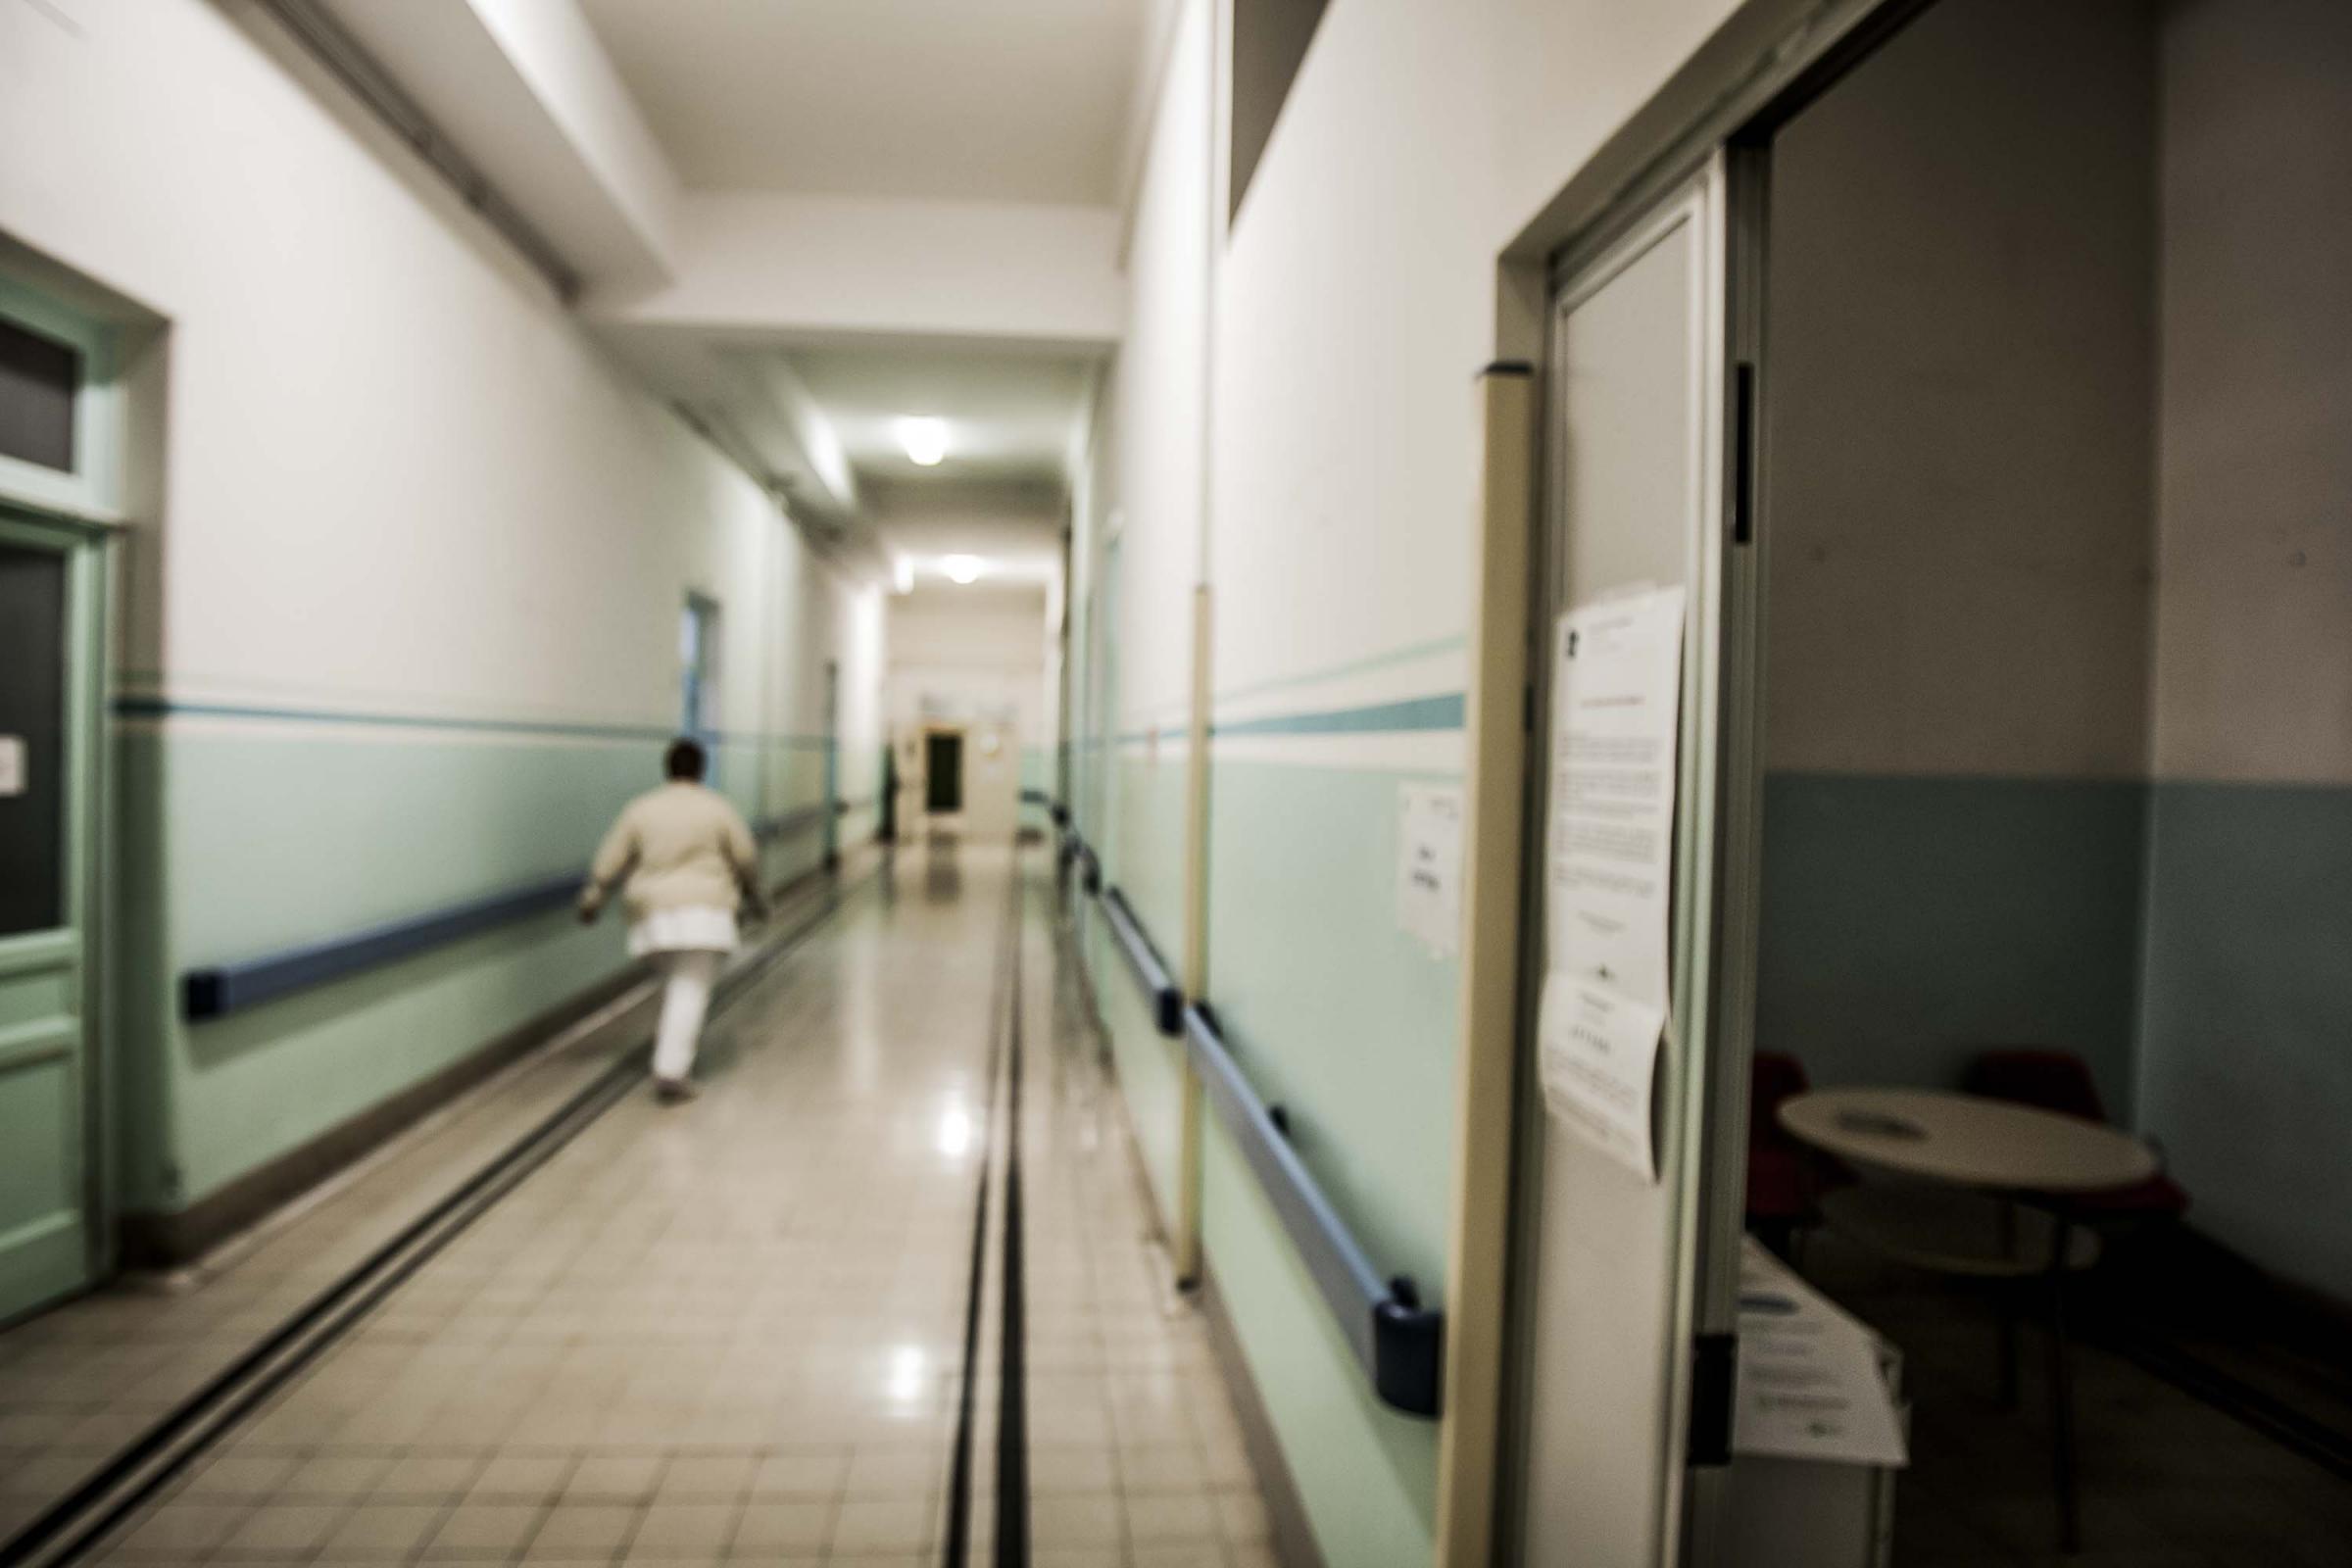 Aborto, l'odissea di una 41enne: respinta da 23 ospedali